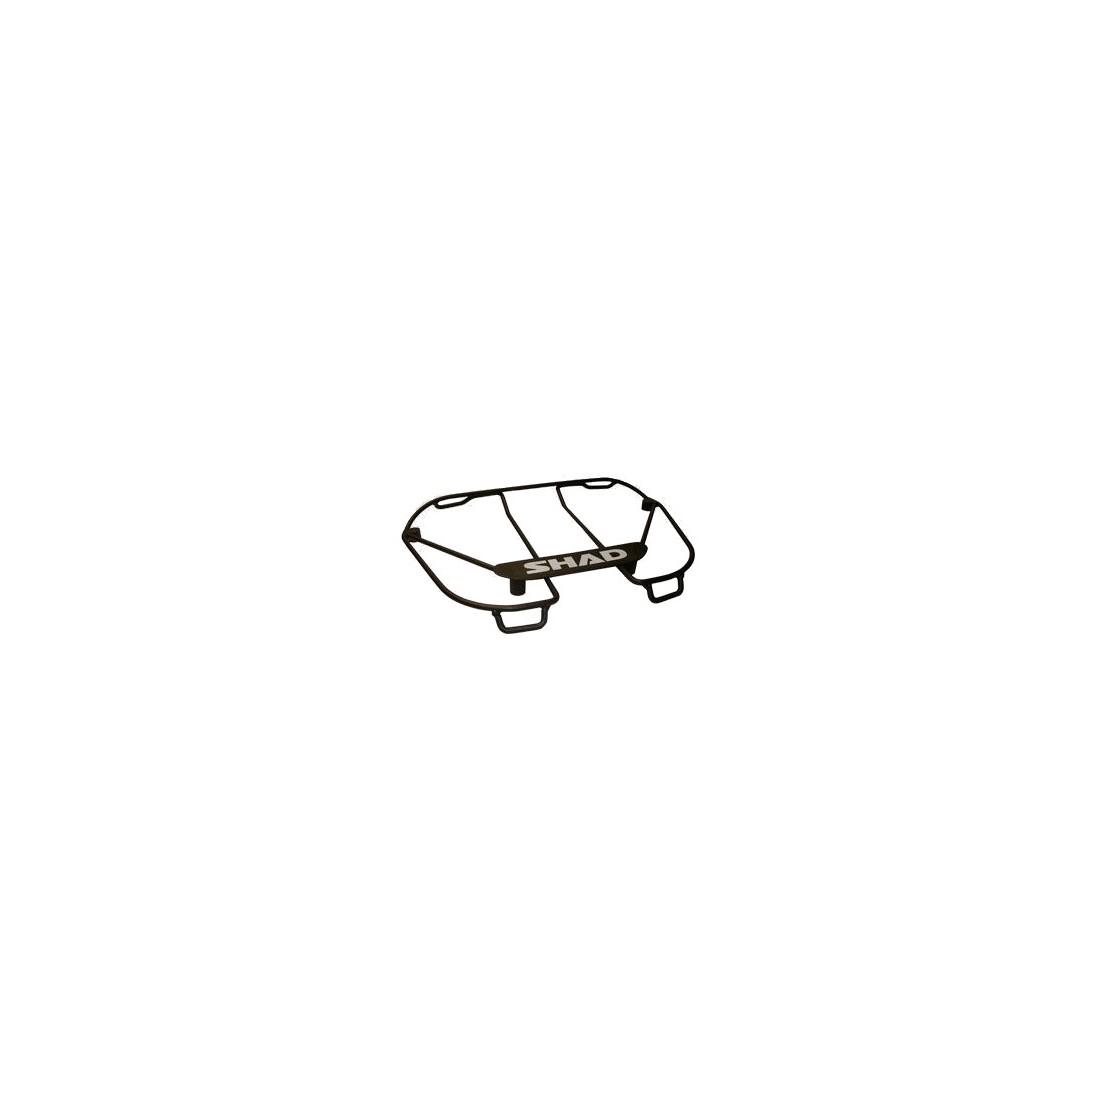 Parrilla Superior Baúl Shad SH50 49 48 46